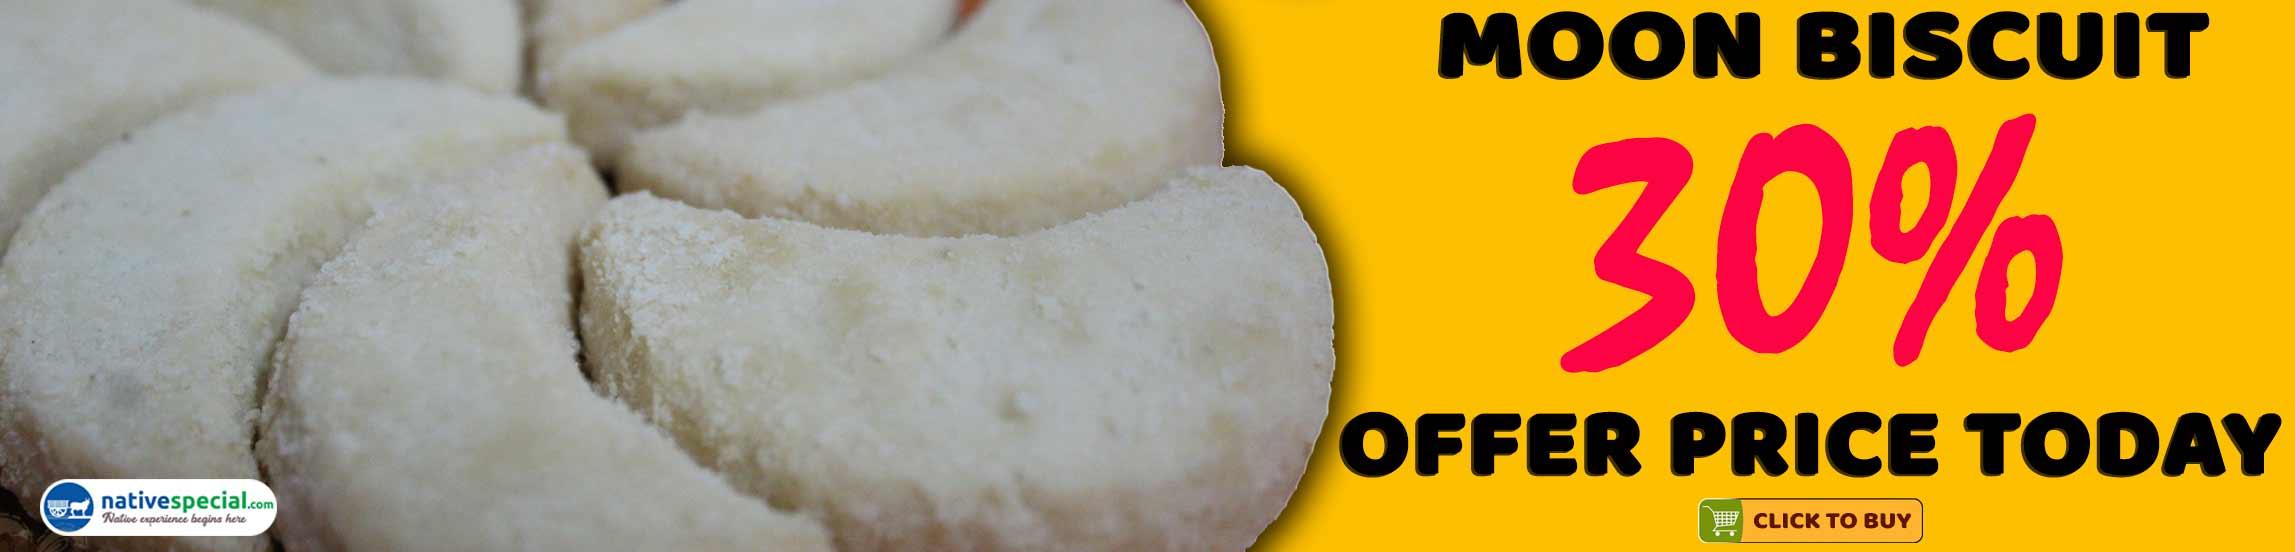 Moon-biscuit